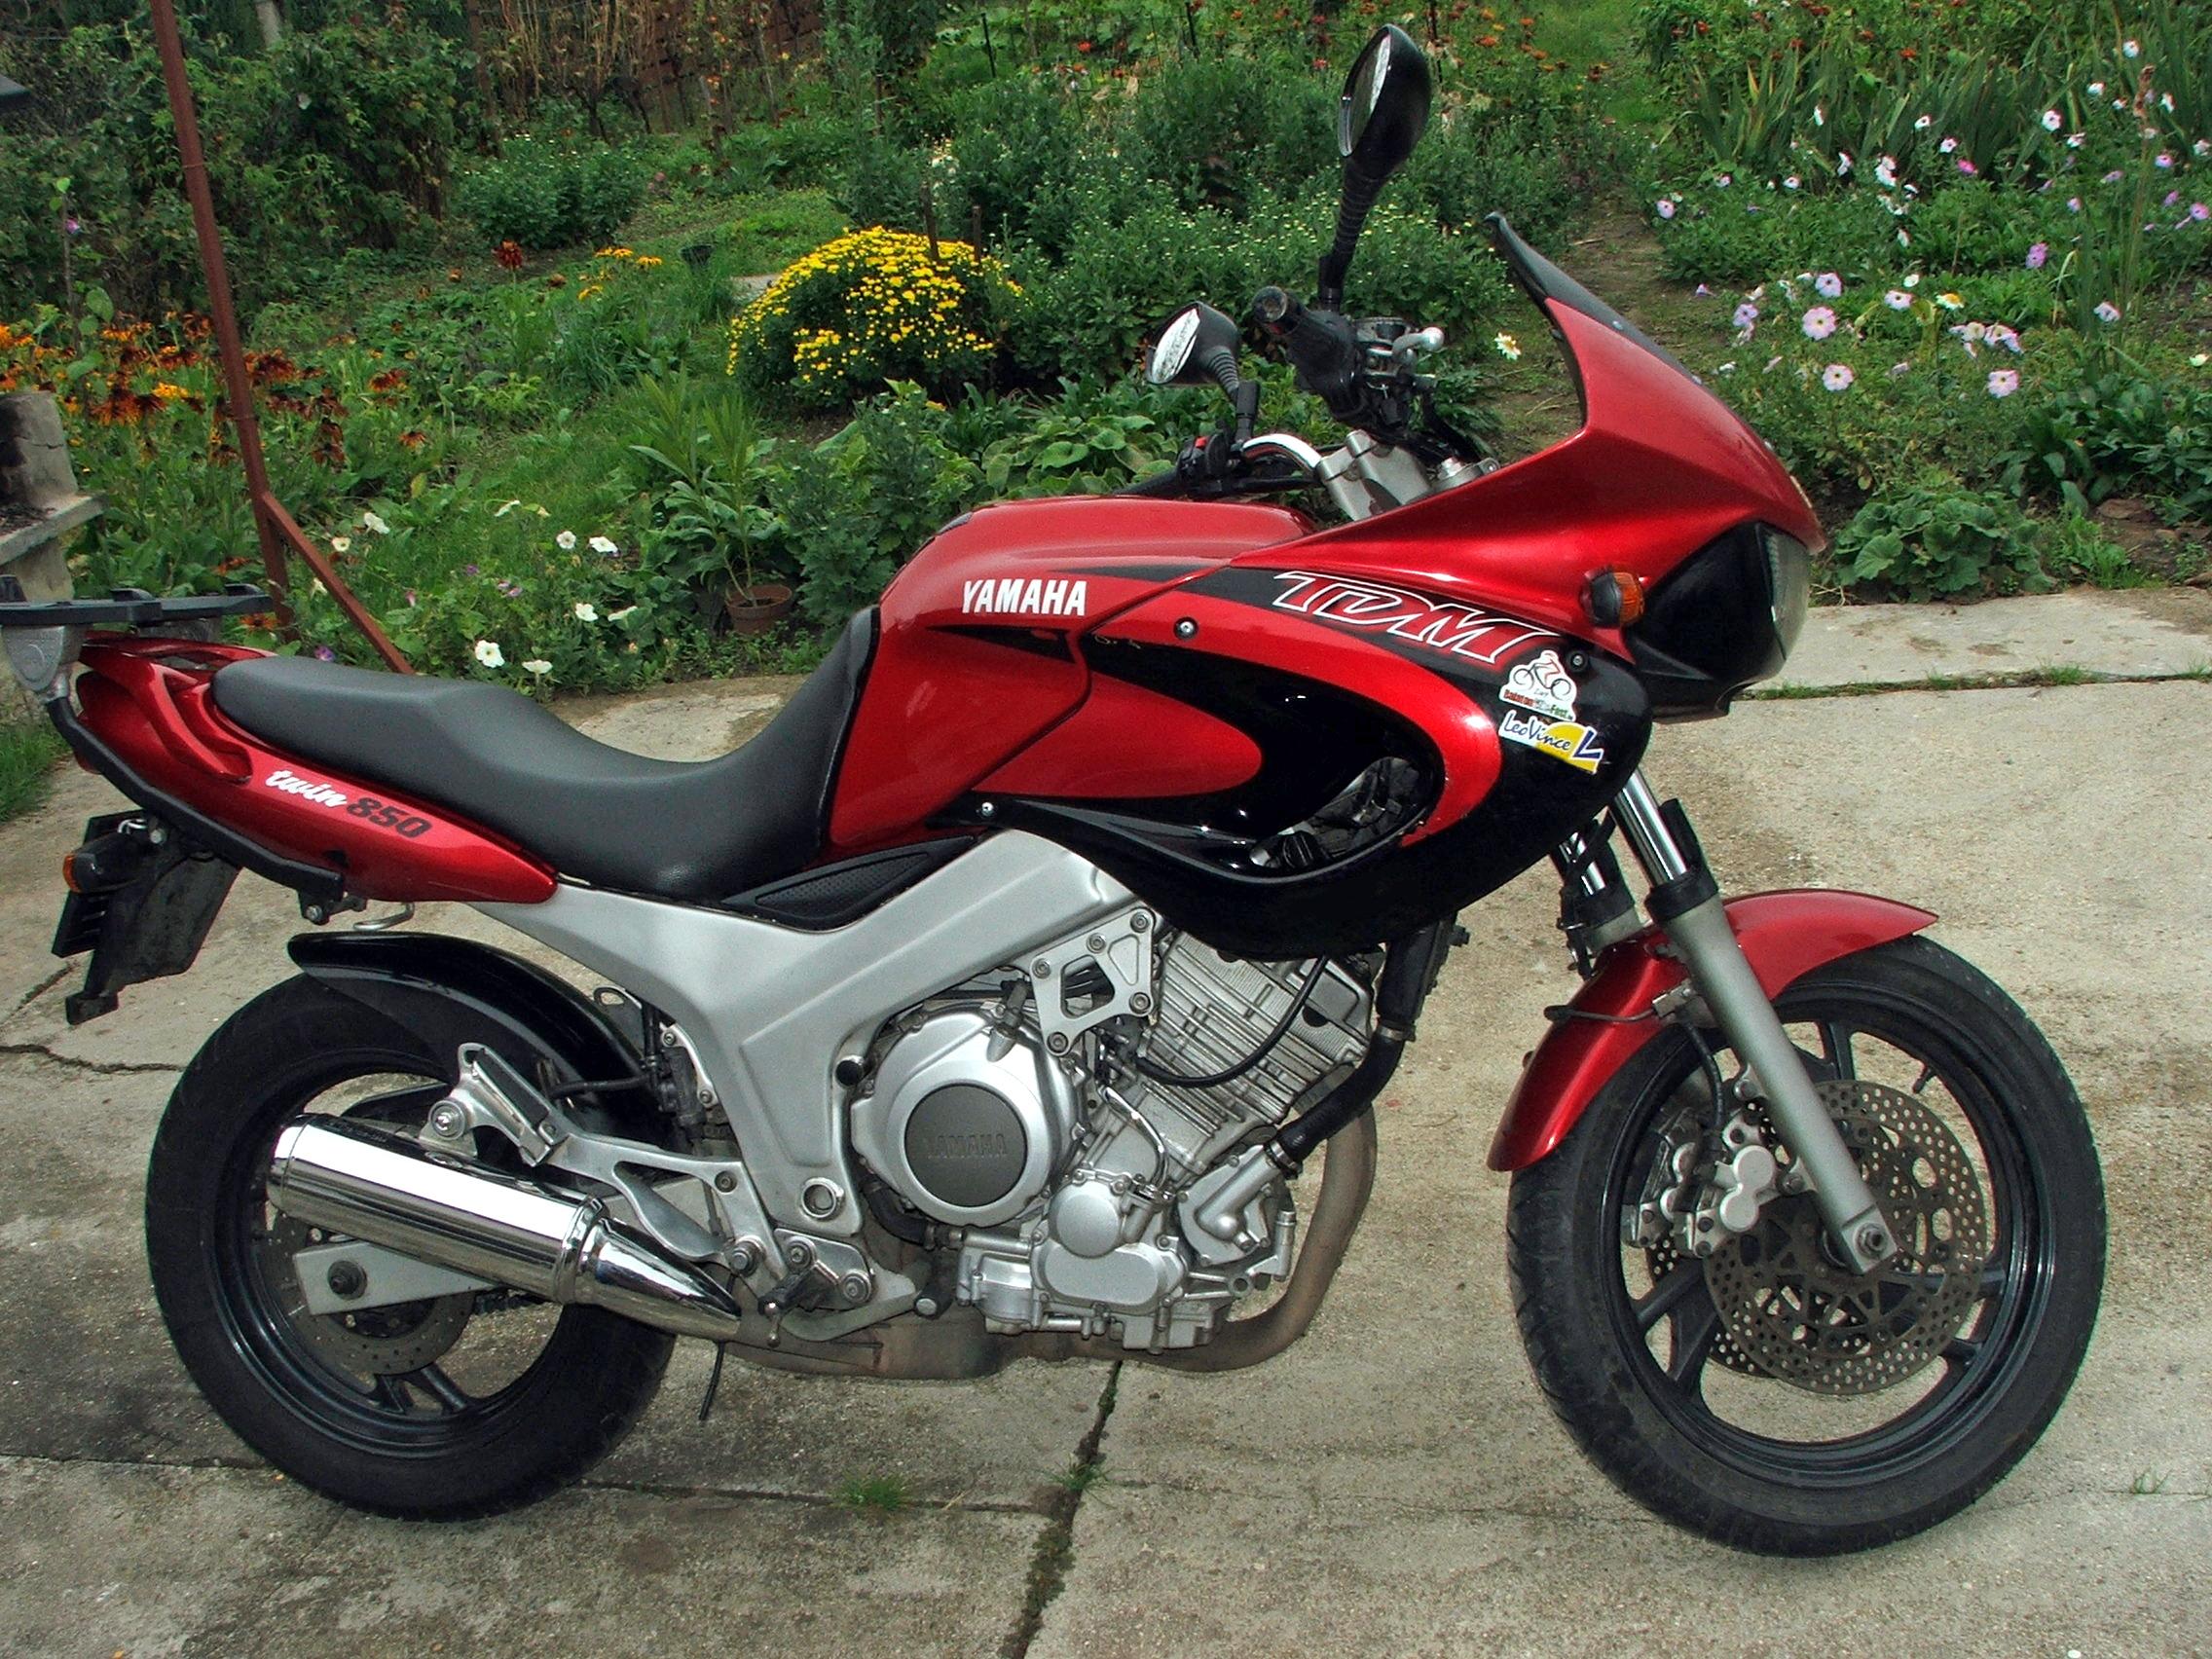 Yamaha TDM85 : Законнорожденный — сайт За рулем